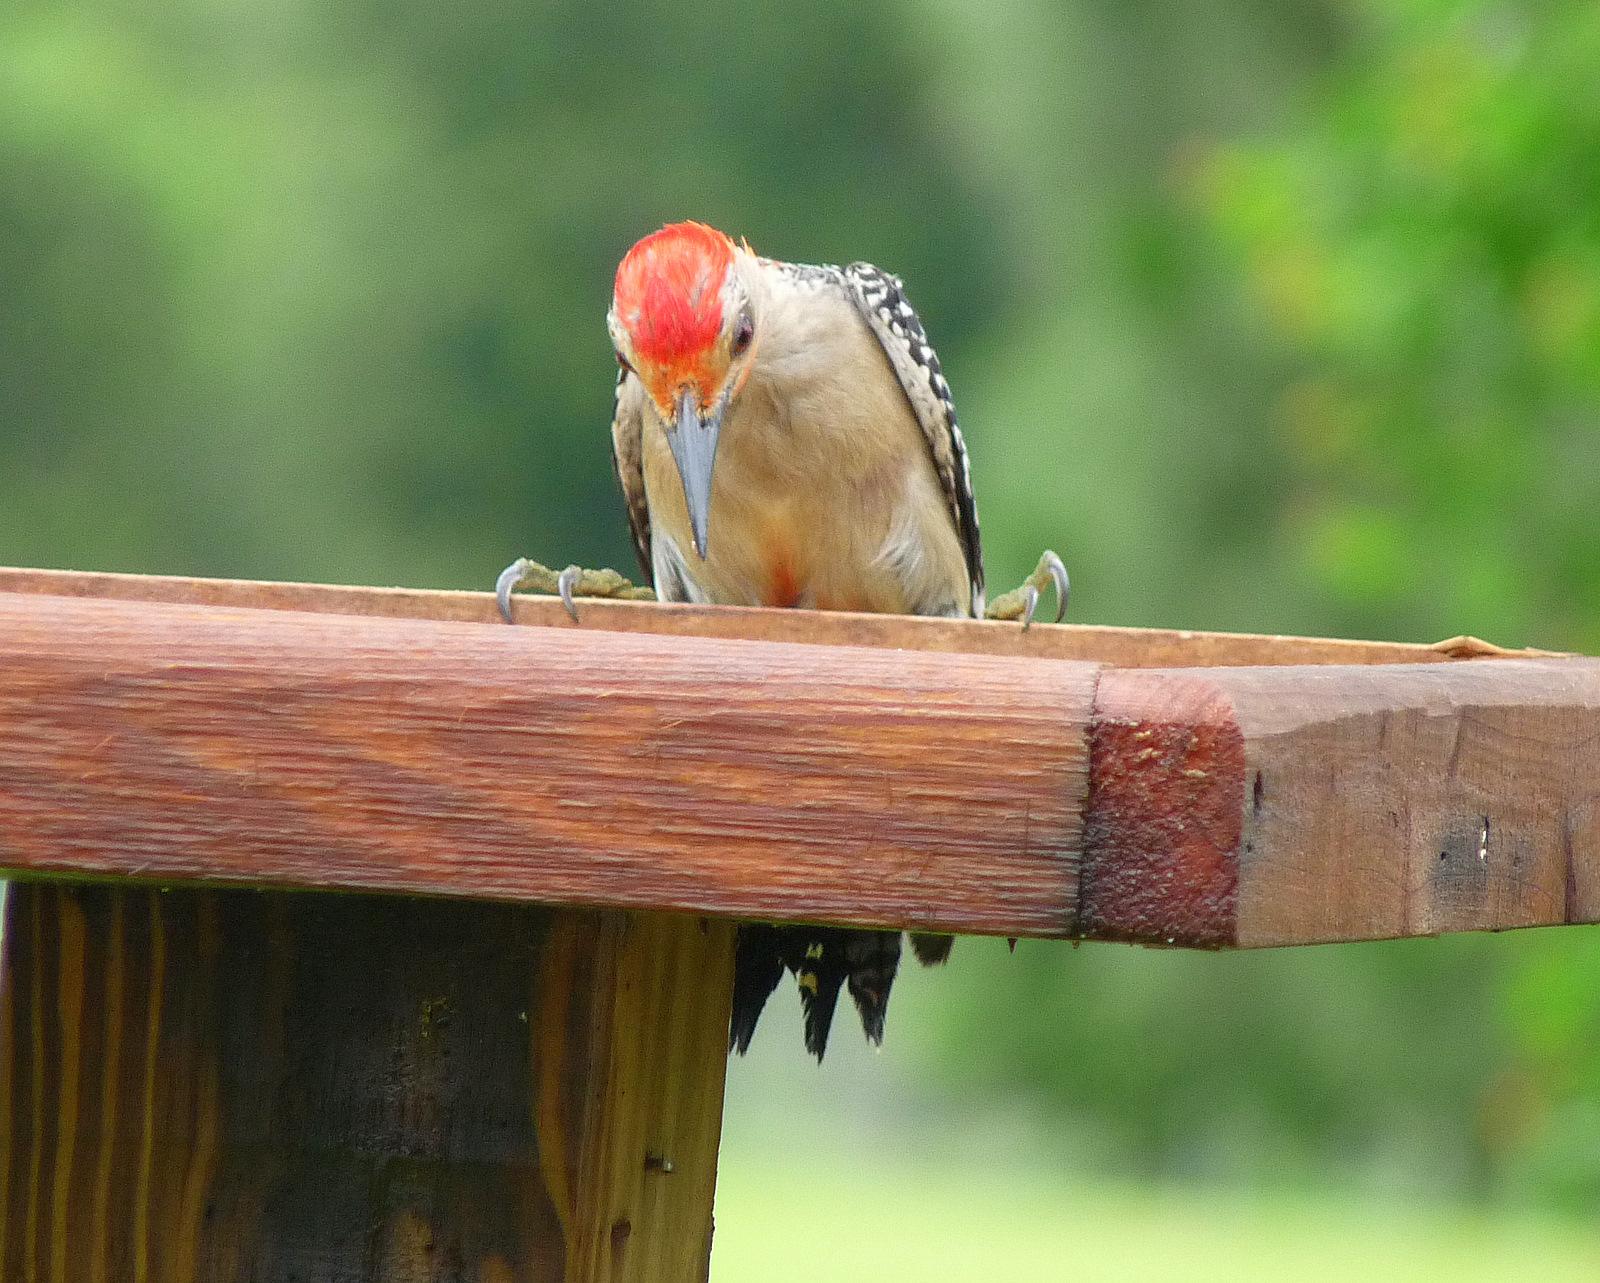 Consejos de alimentación para aves de invierno: Minnesota DNR